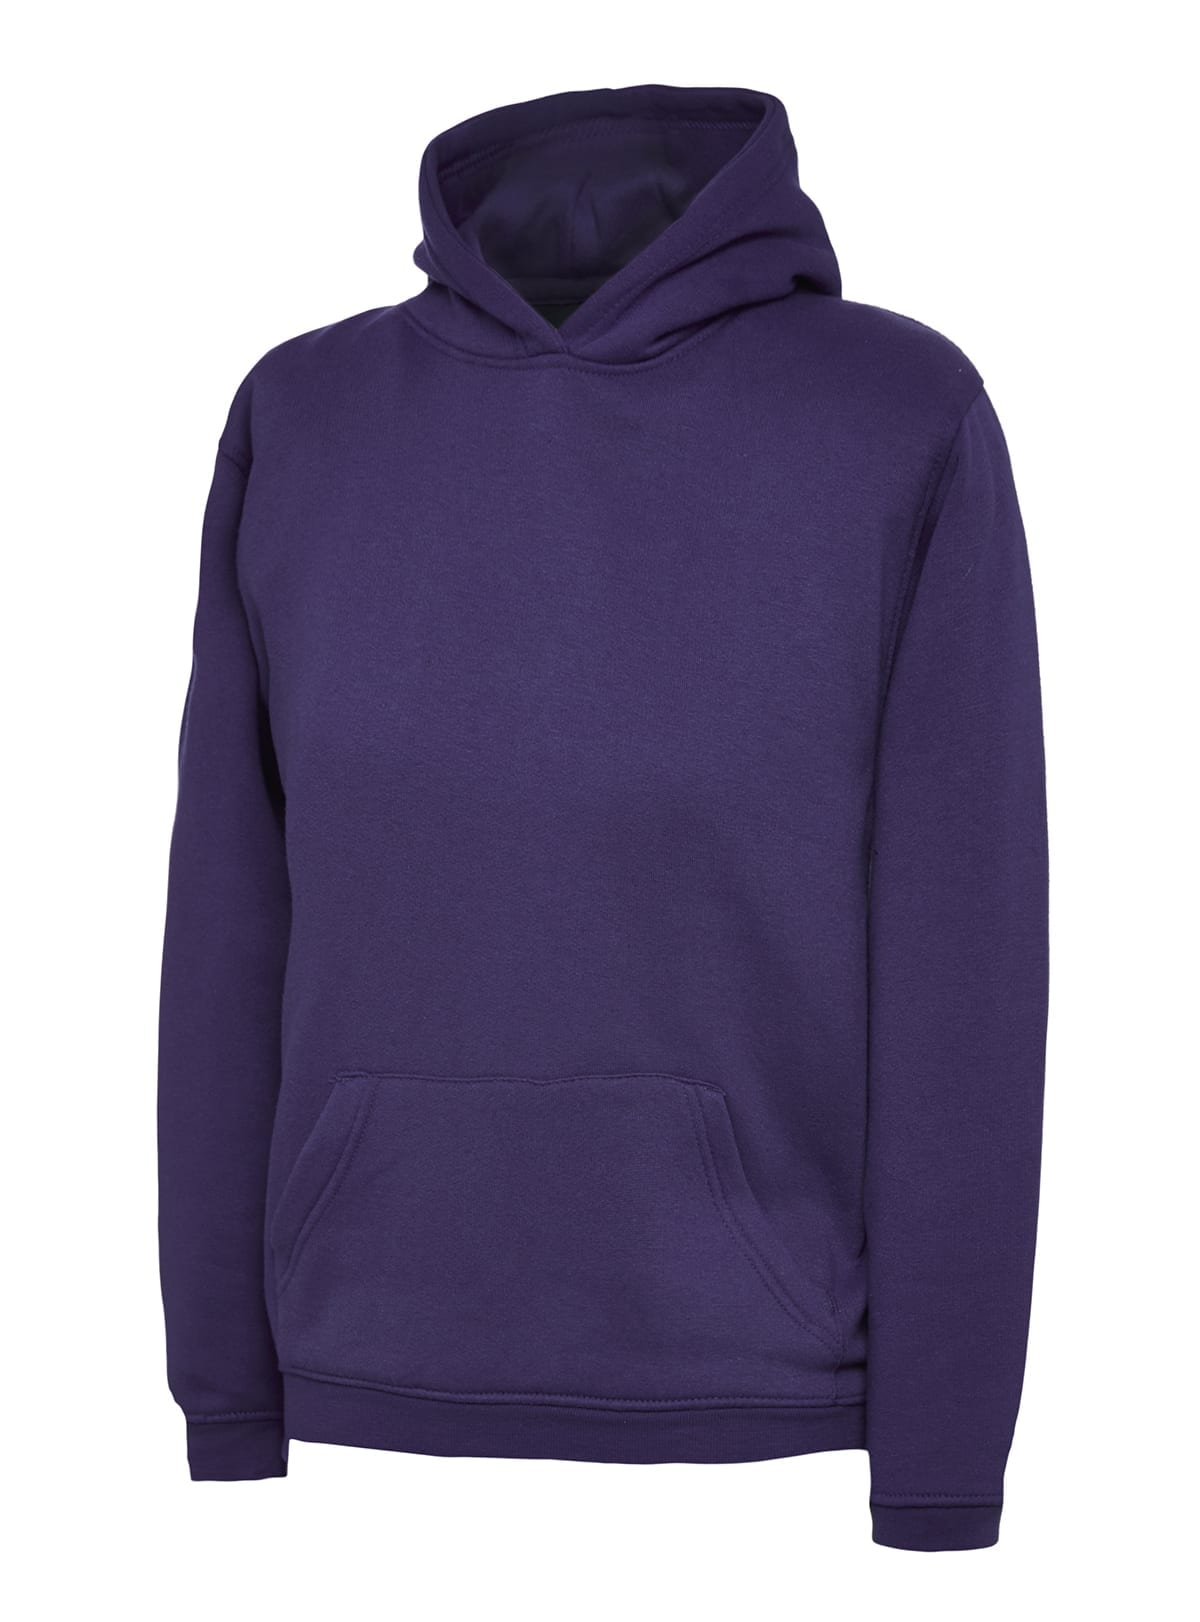 Children's Hooded Sweatshirt